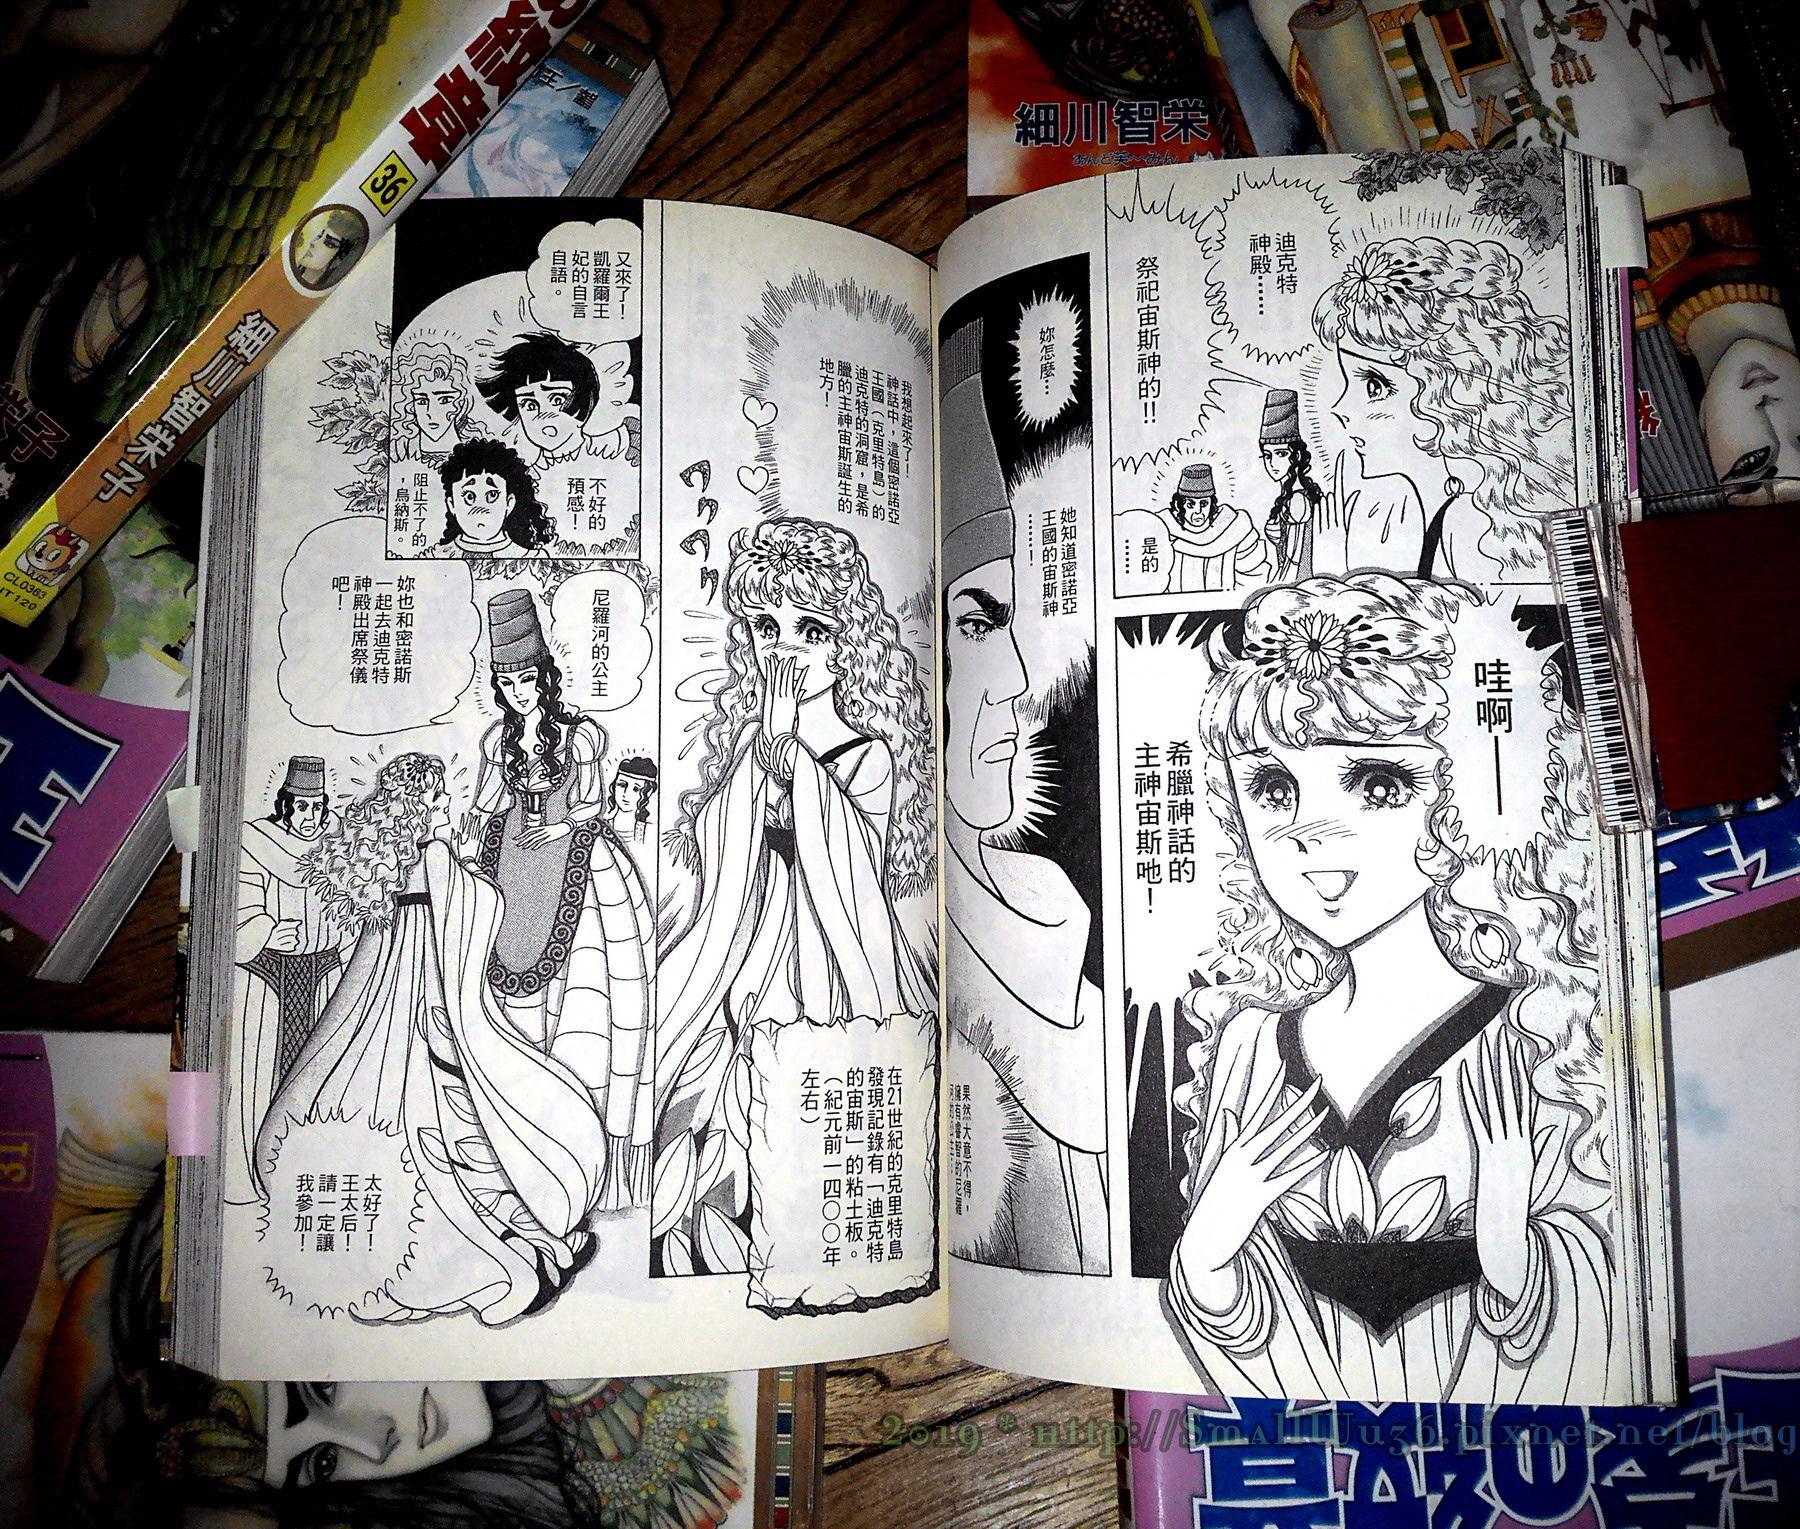 細川智榮子-王家的紋章(尼羅河女兒) 28-35 (長鴻)  vol_32 -1.jpg